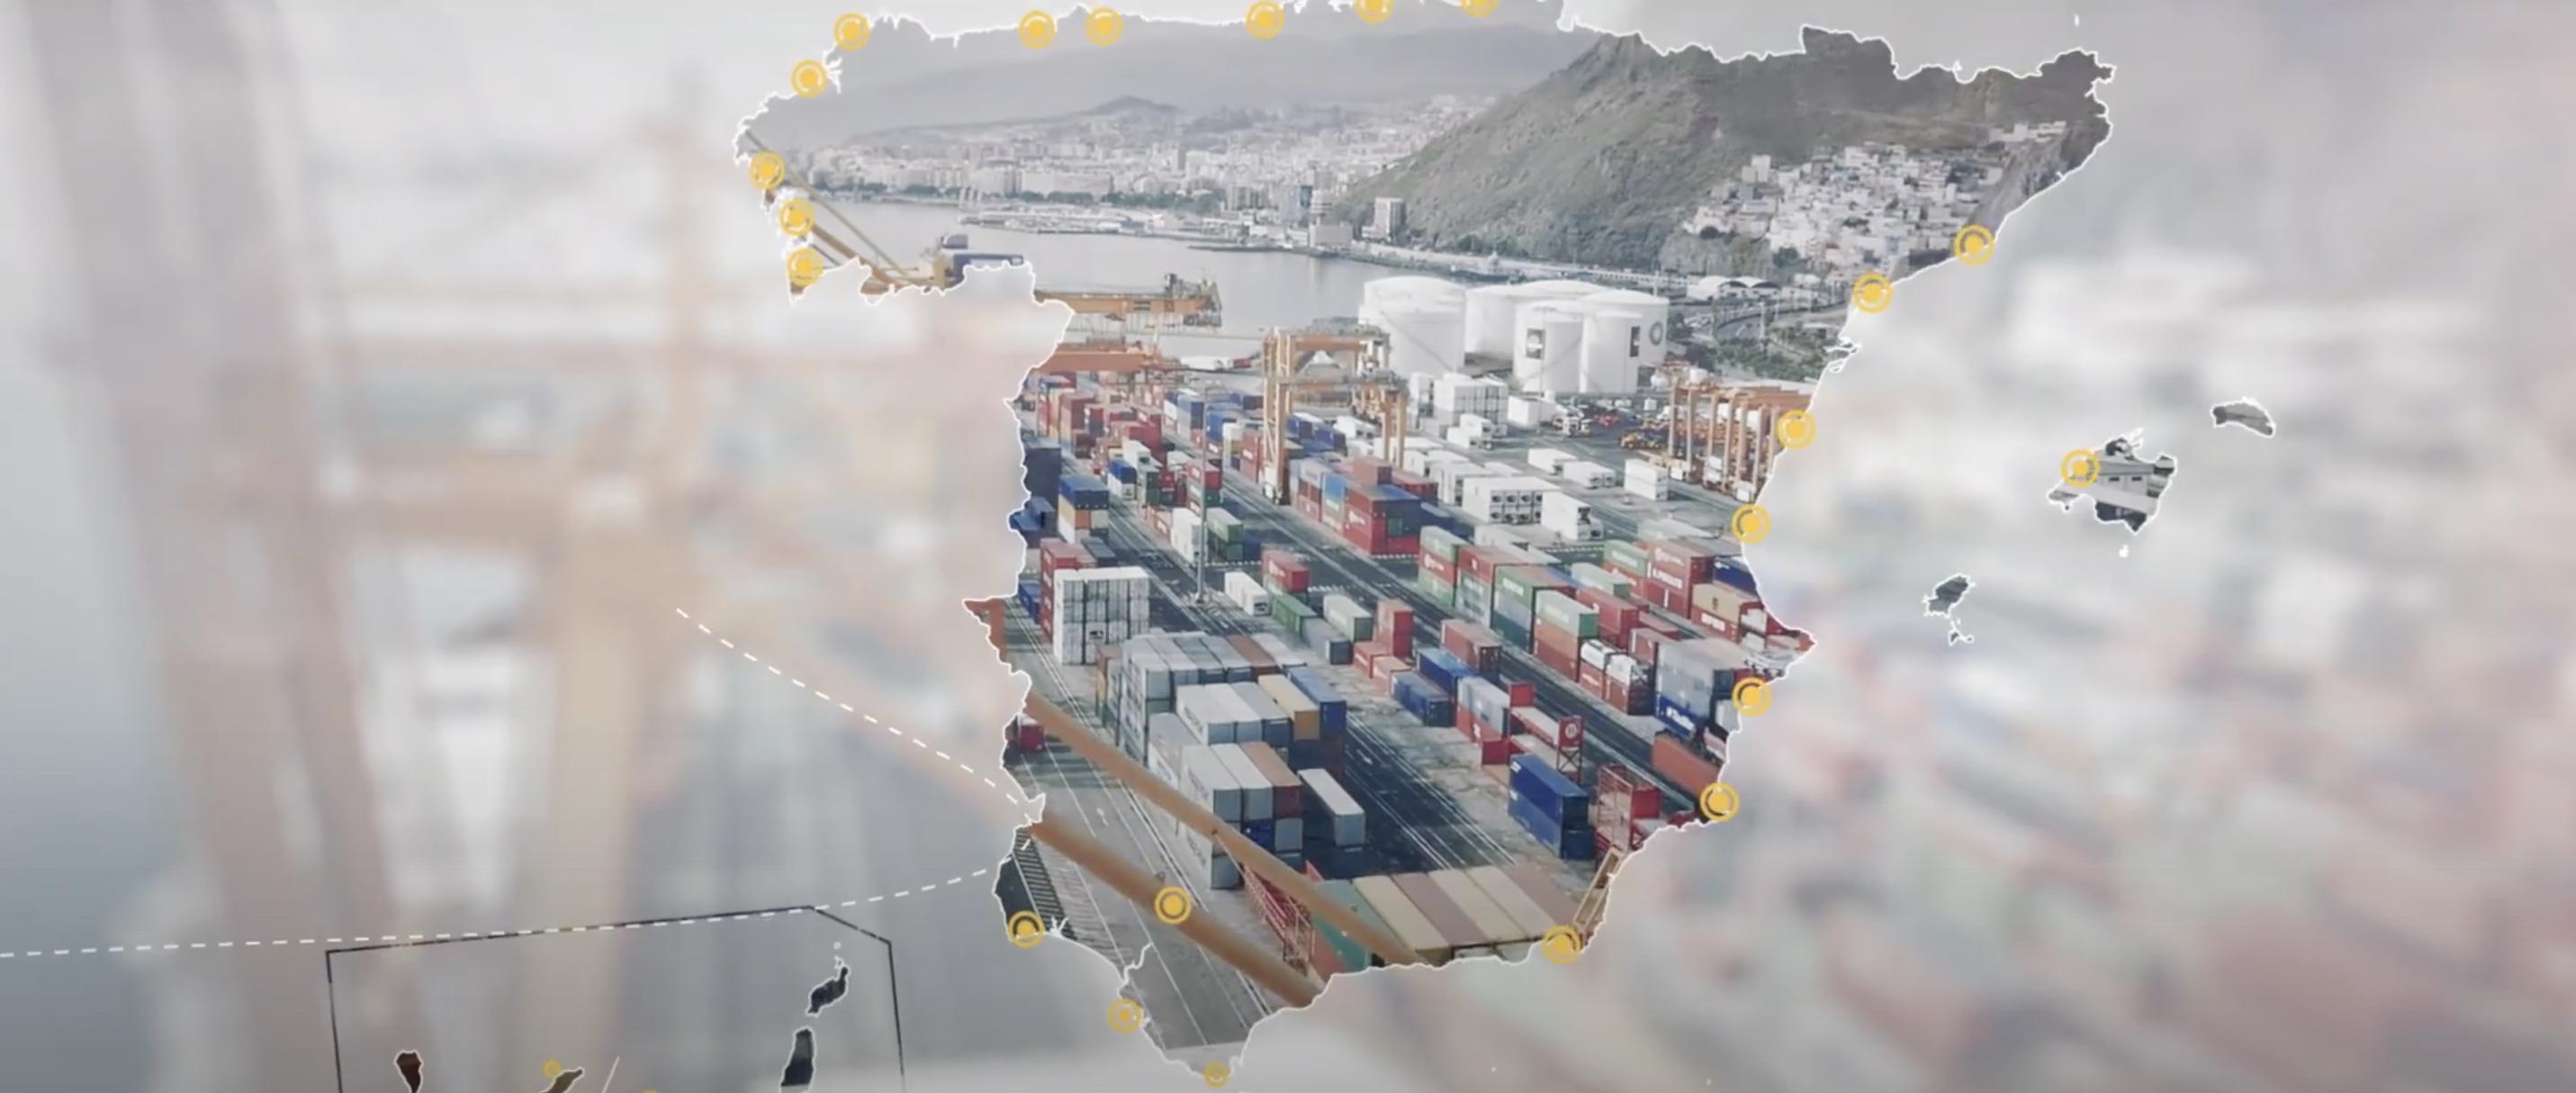 Los puertos de mercancías españoles digitalizan su información con una nueva plataforma tecnológica